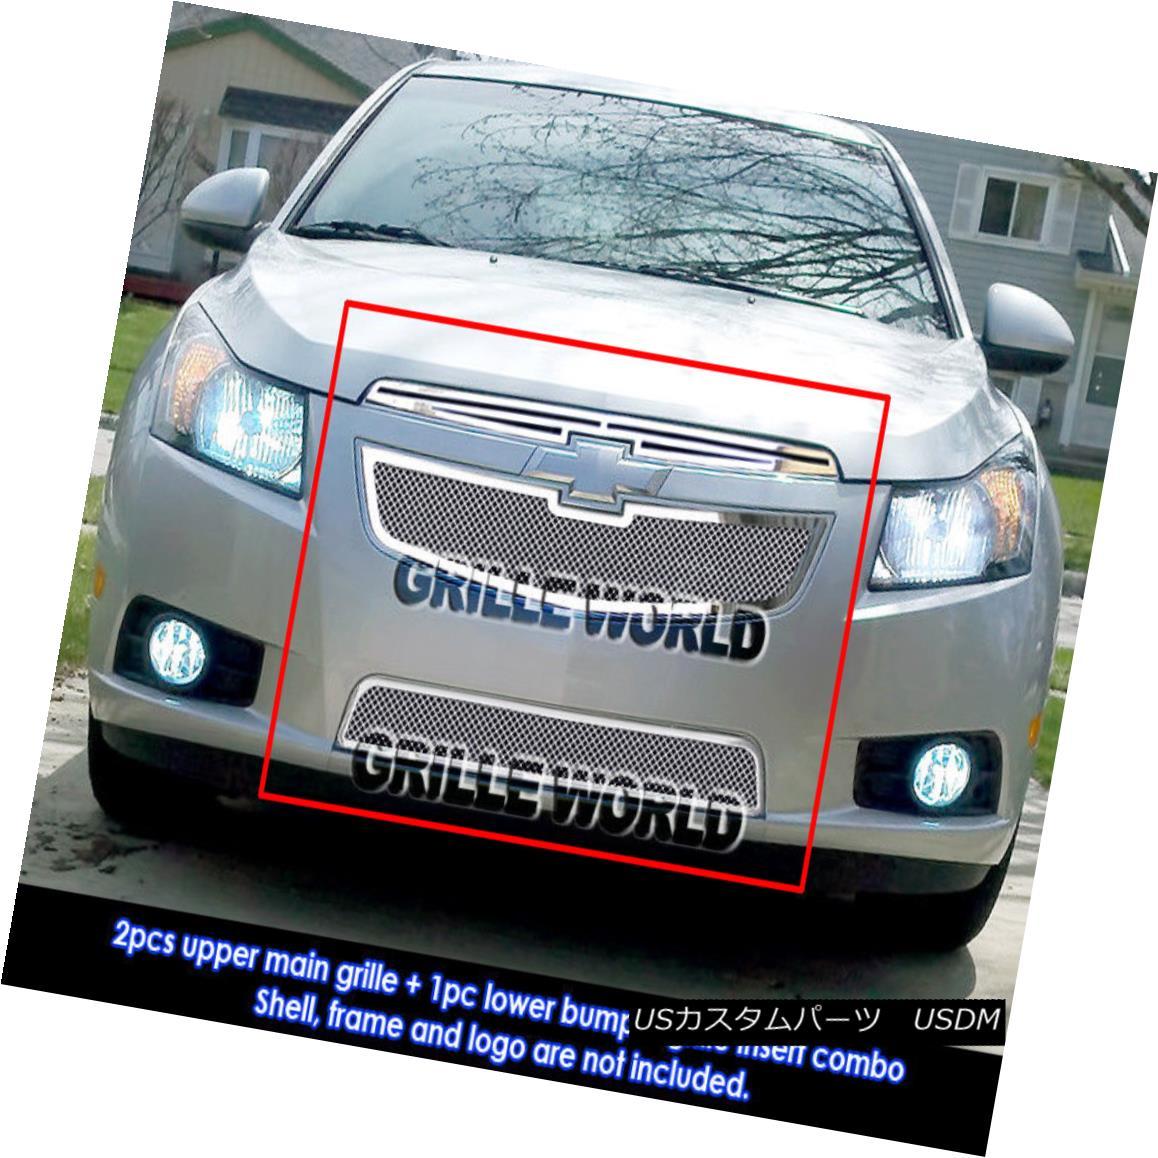 グリル For 2011-2014 Chevy Cruze Stainless Steel Mesh Grille Insert Combo 2011-2014シボレークルーズステンレスメッシュグリルインサートコンボ用